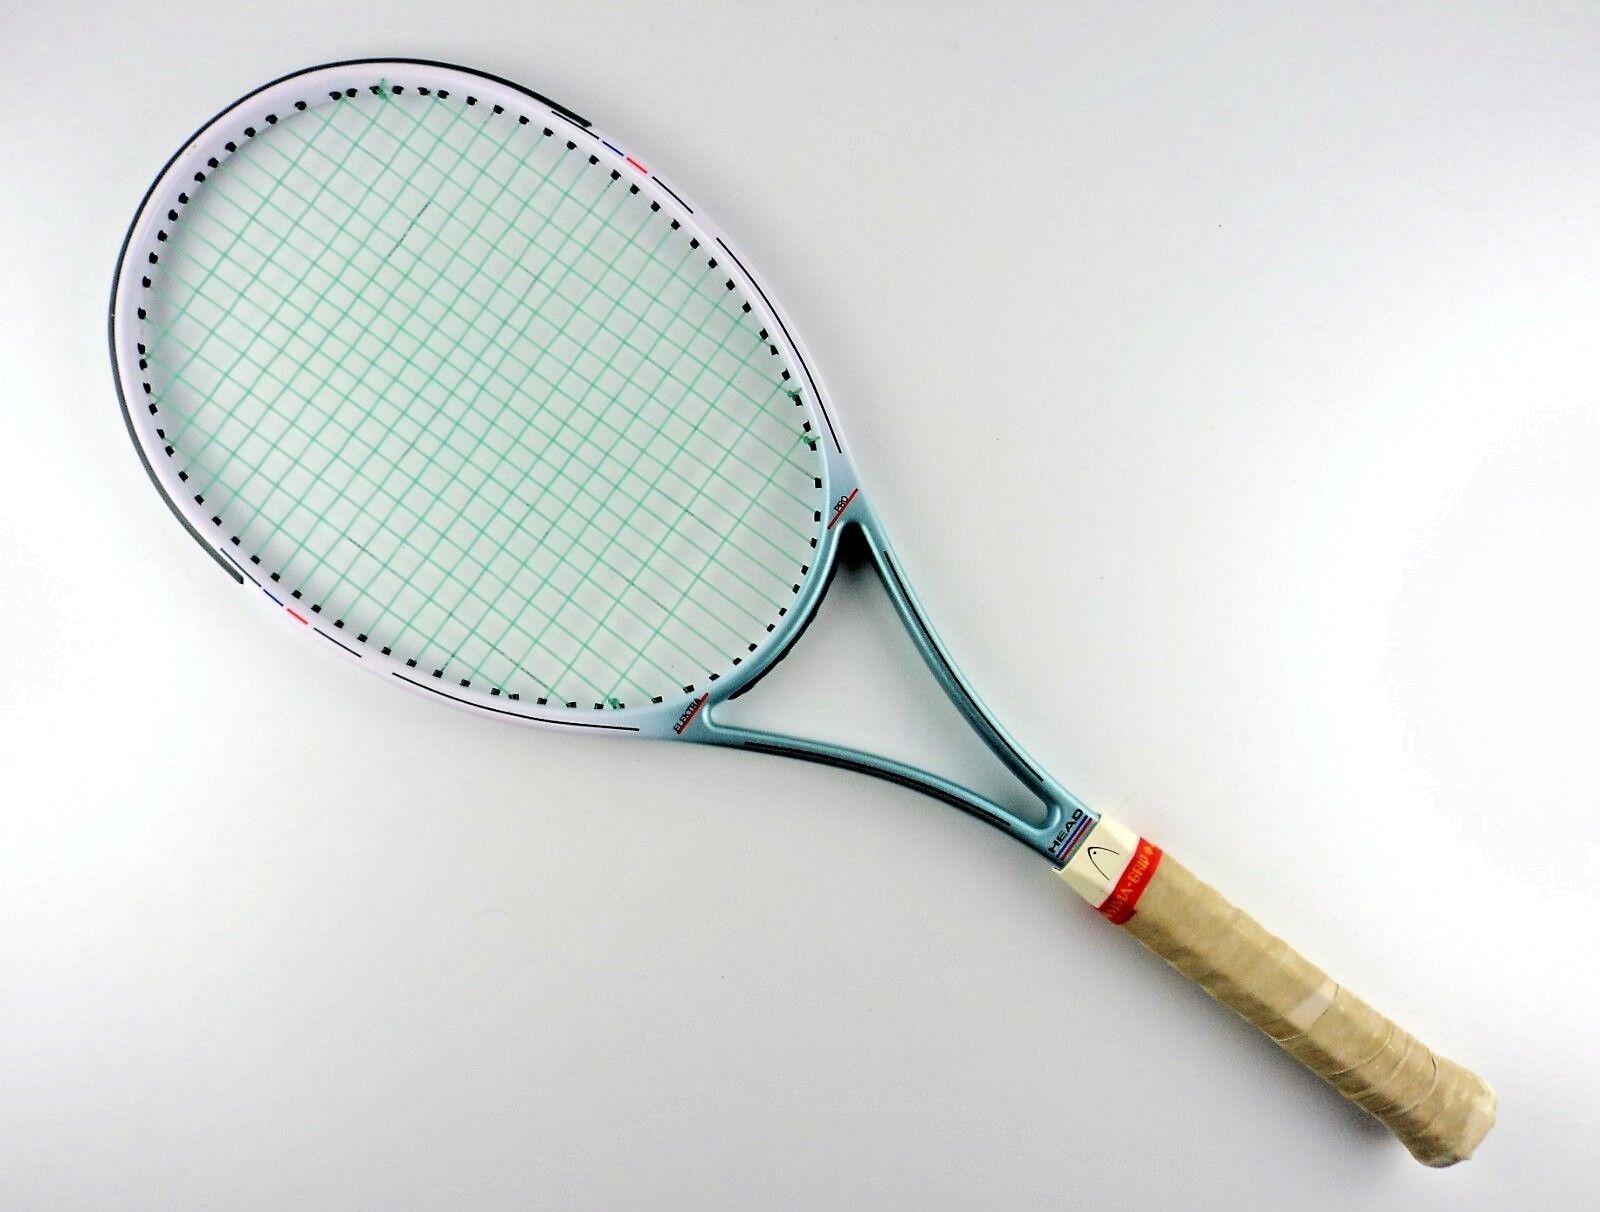 Cabeza  Elektra Pro tenis raqueta 4 1 4  L2 Hecho En Austria usado en excelente estado  comprar mejor